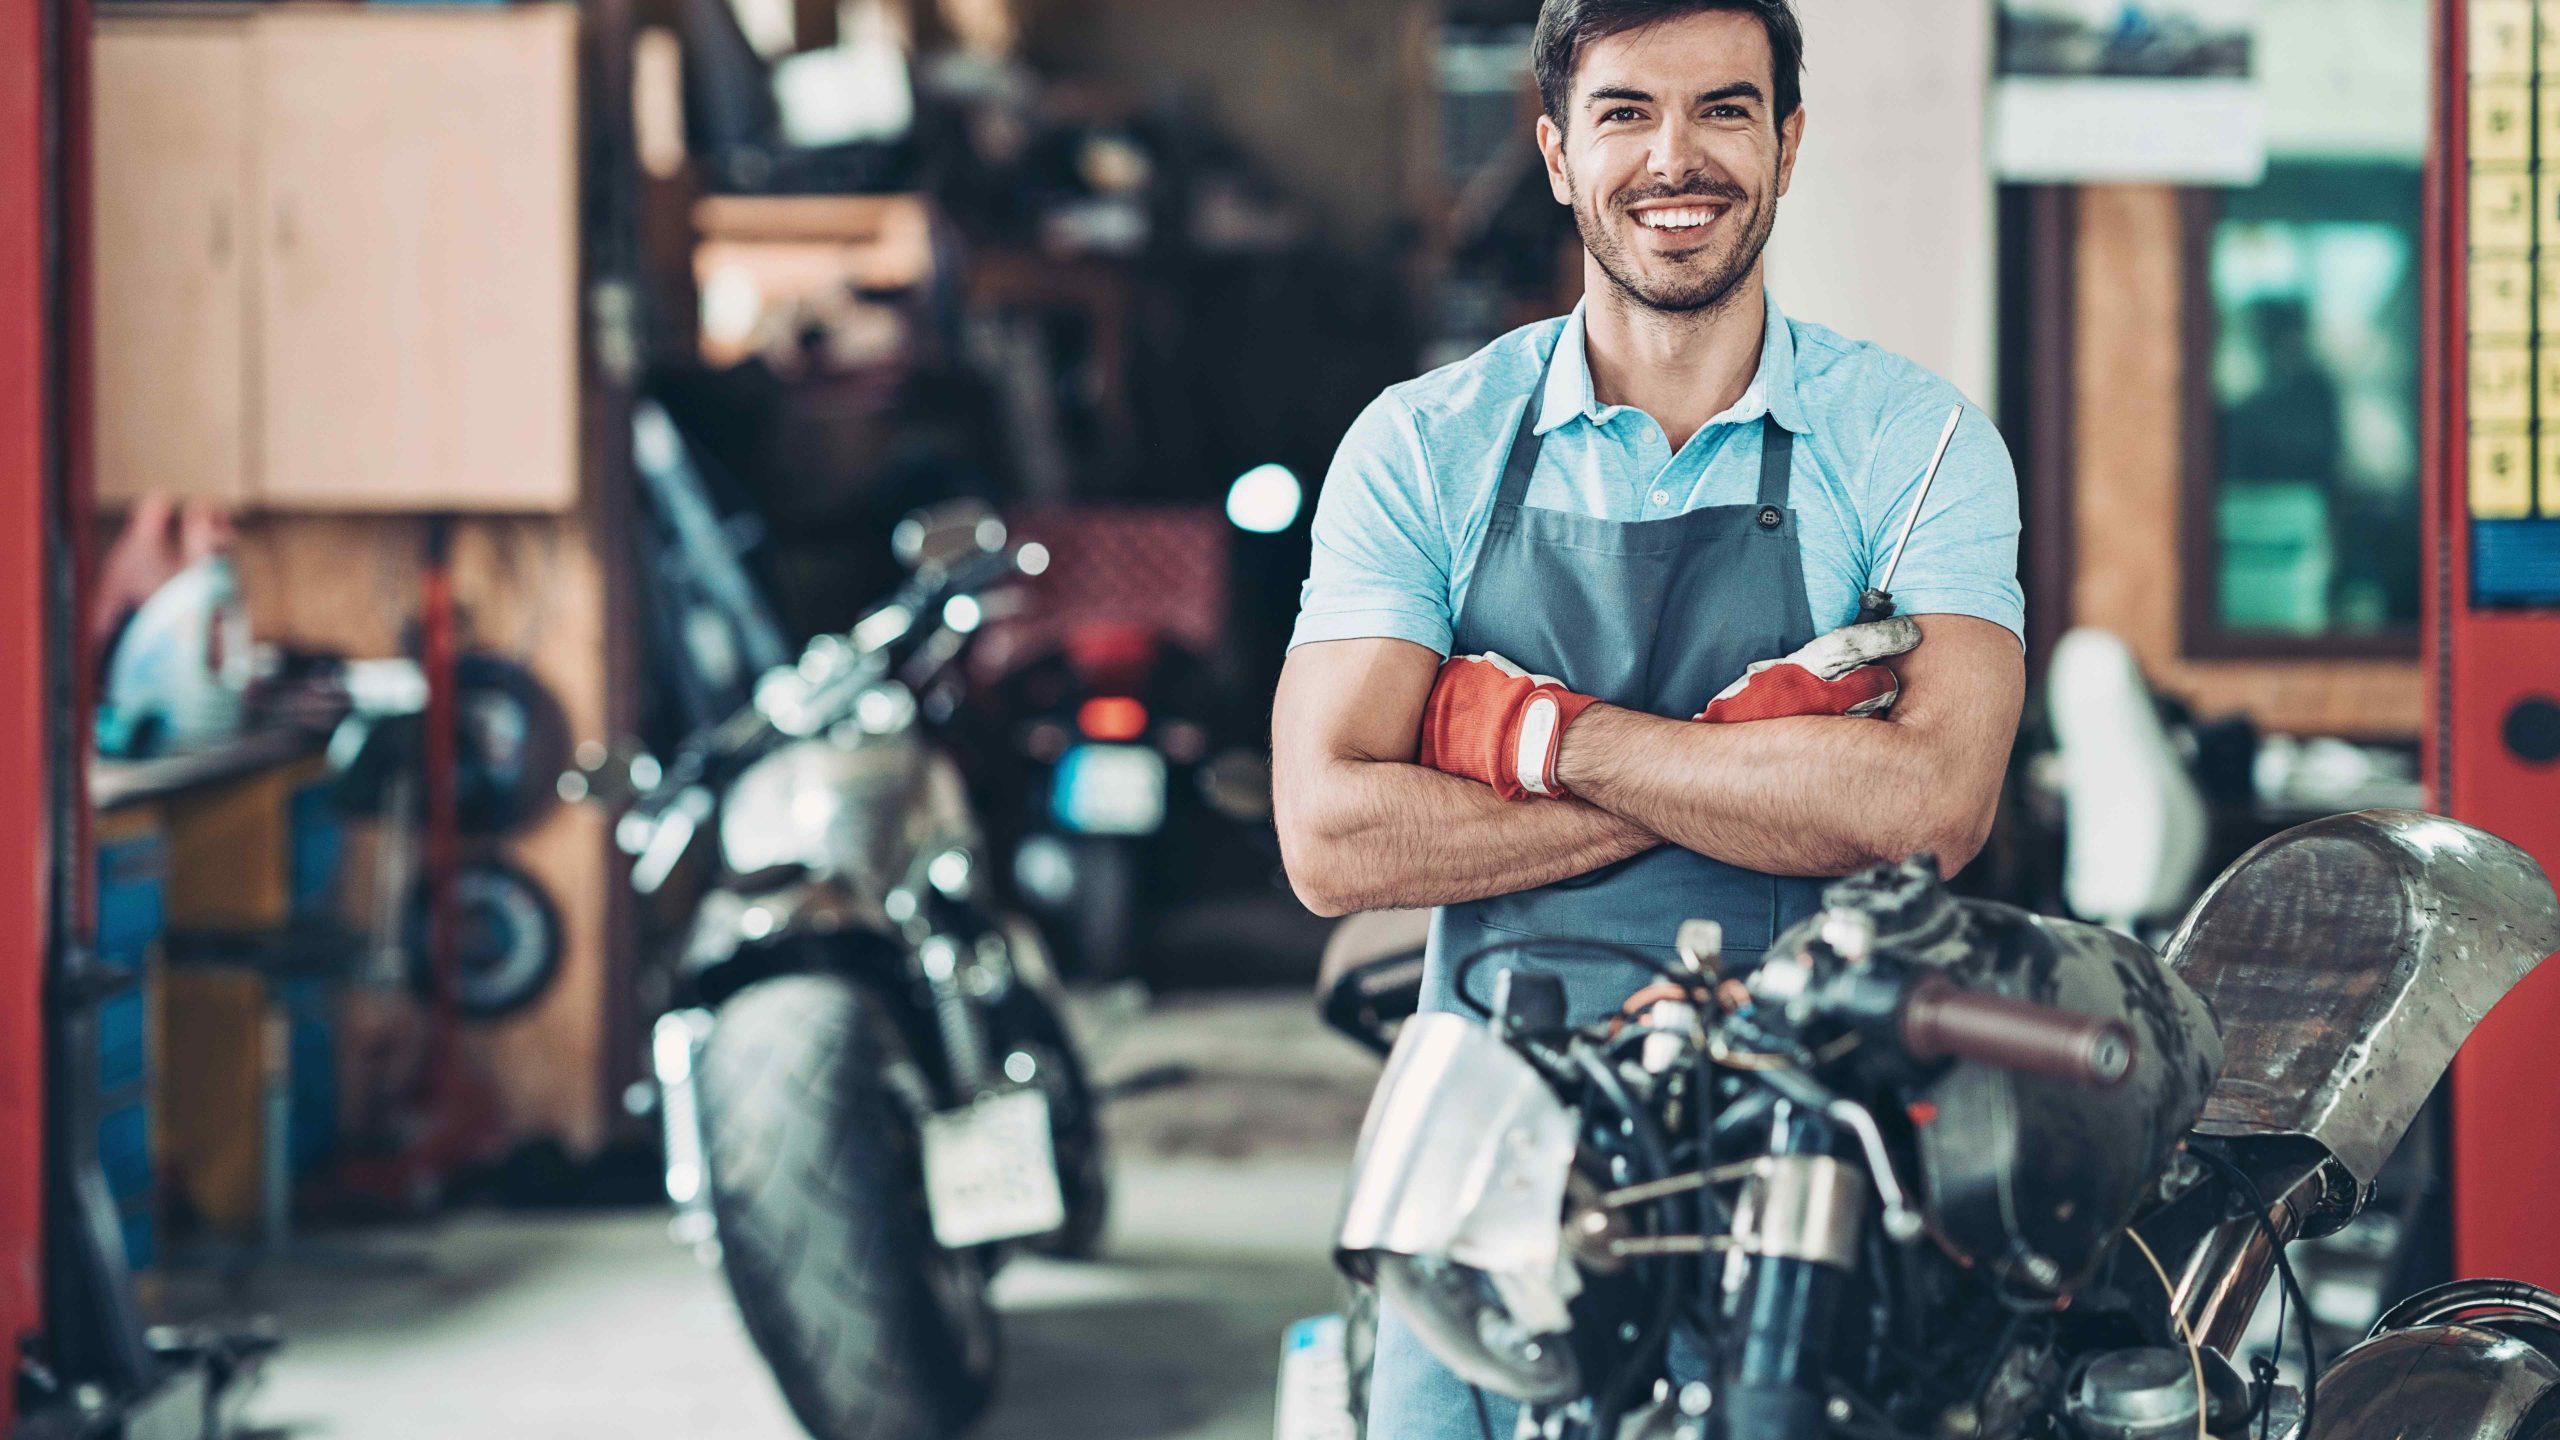 Tiendas de venta de motos en Aranjuez